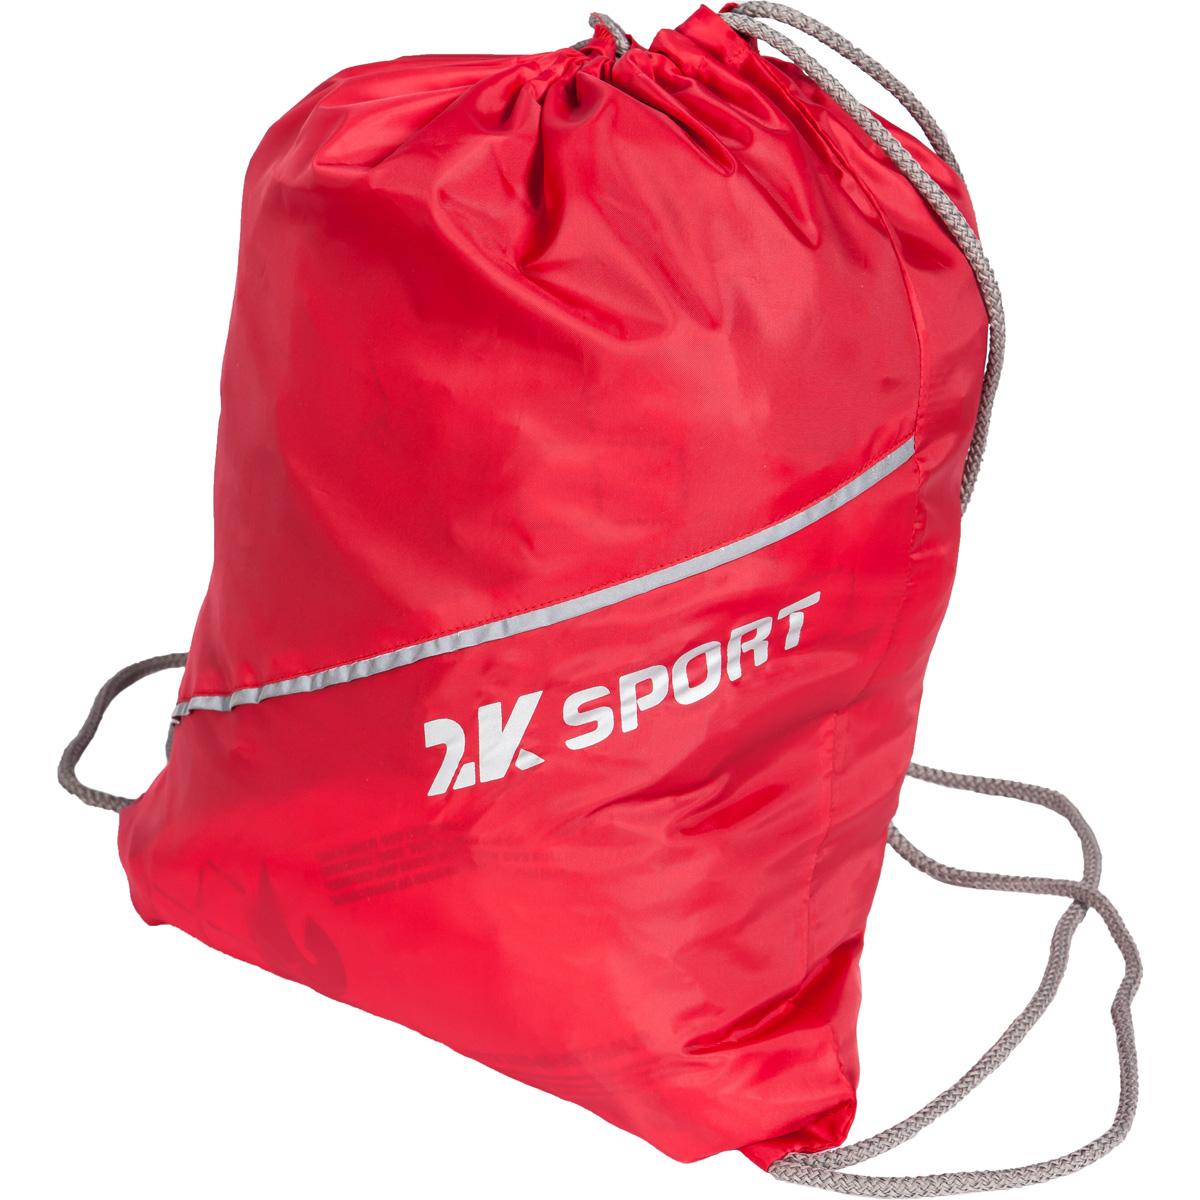 Сумка-мешок для обуви 2K Sport Team, цвет: красный10130-11Мешок для обуви 2K Sport Team изготовлен из высококачественного прочного текстиля. Мешок имеет одно отделение, закрывающееся стягивающимся шнуром. Плотная прочная ткань надежно защитит обувь от непогоды, а удобные петли шнура позволят носить мешок как в руках, так и за спиной.